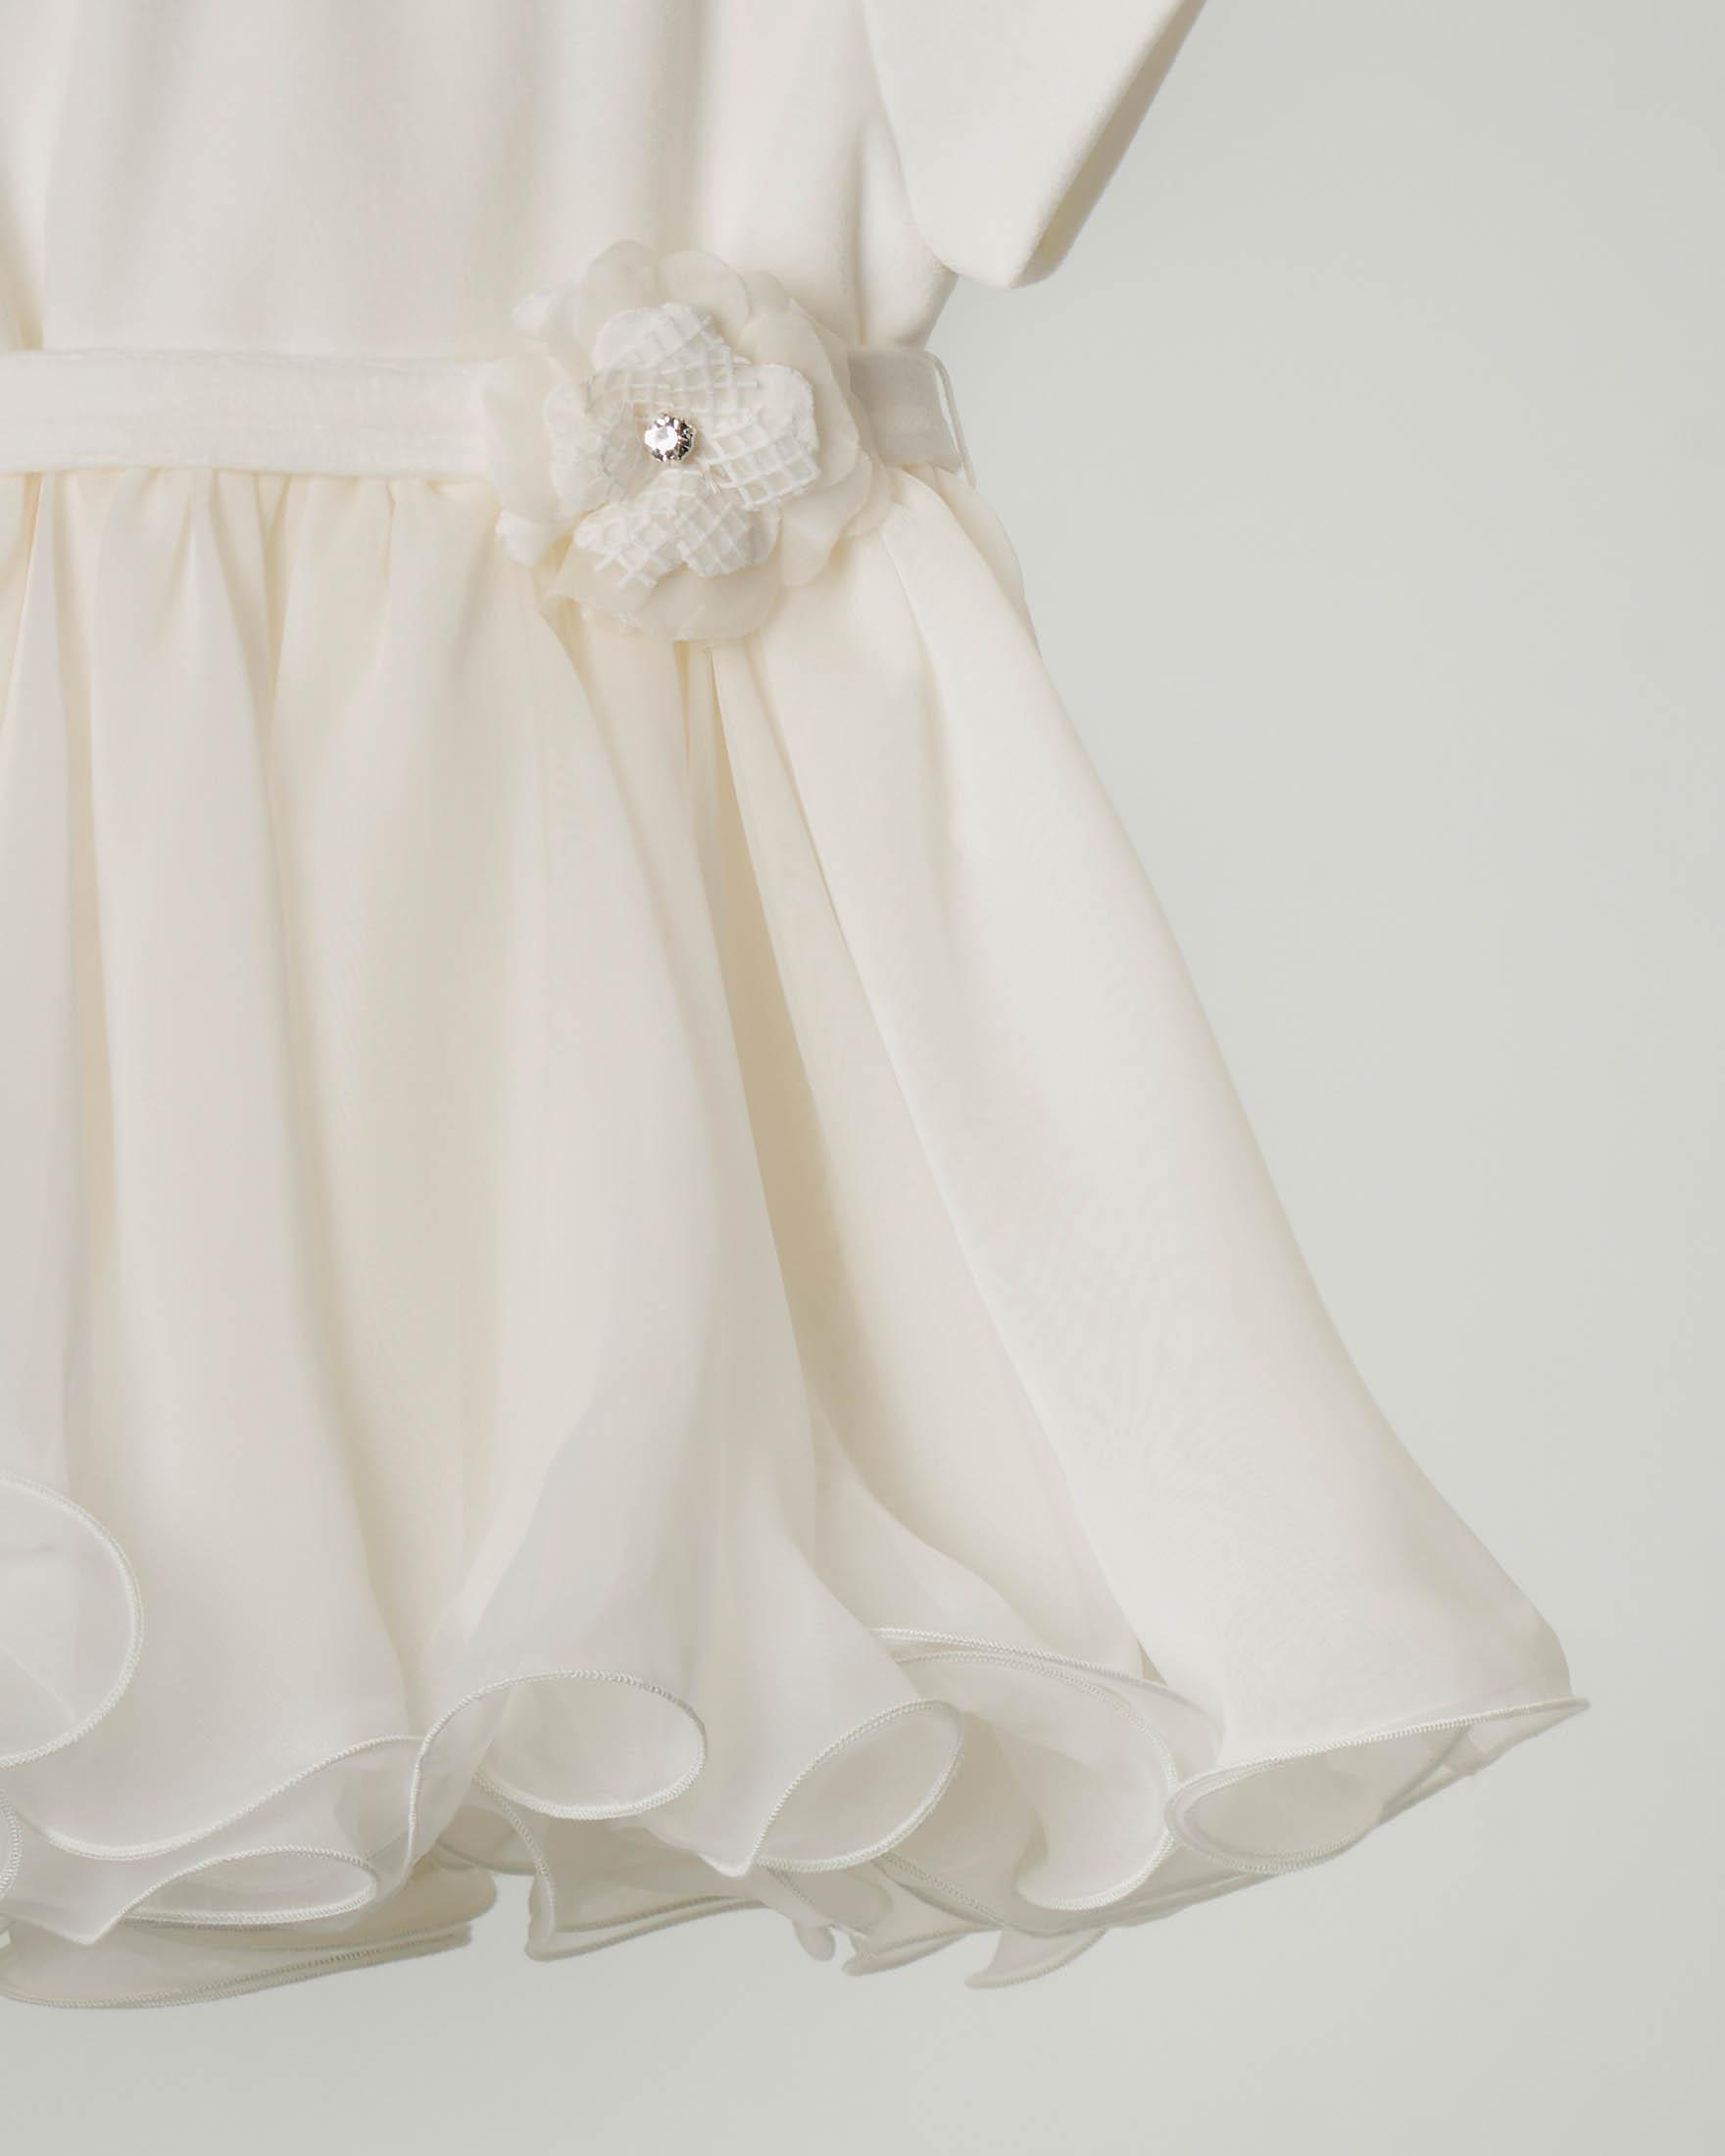 Abito bianco con gonna in tulle ondulata e cintura con fiocco abbinata 6-18 mesi